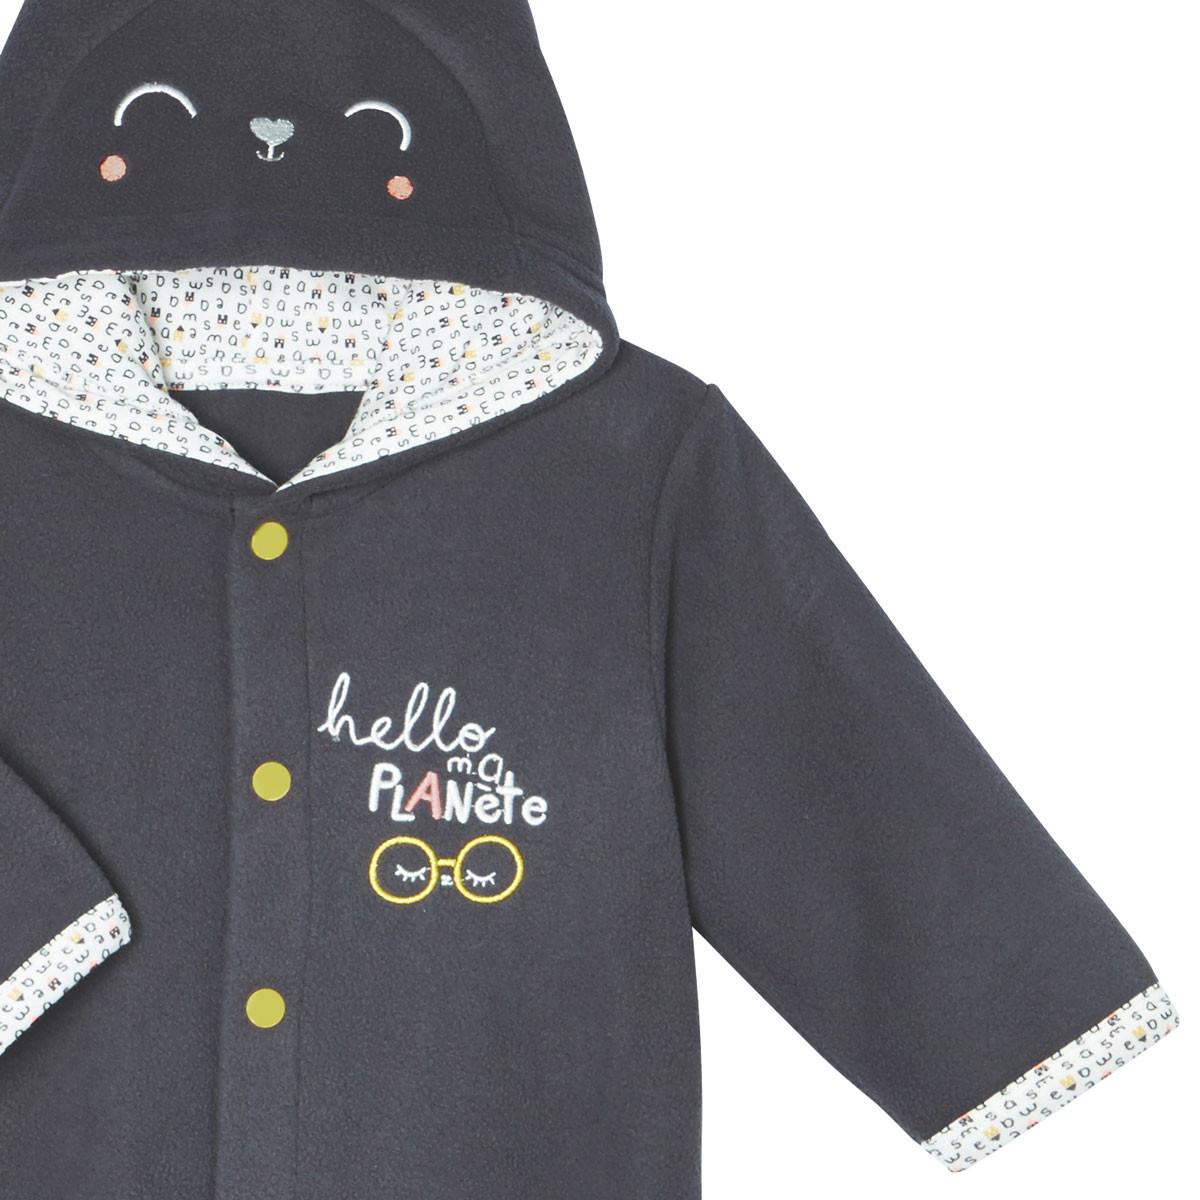 Robe de chambre bébé mixte Hello Planet zoom broderie